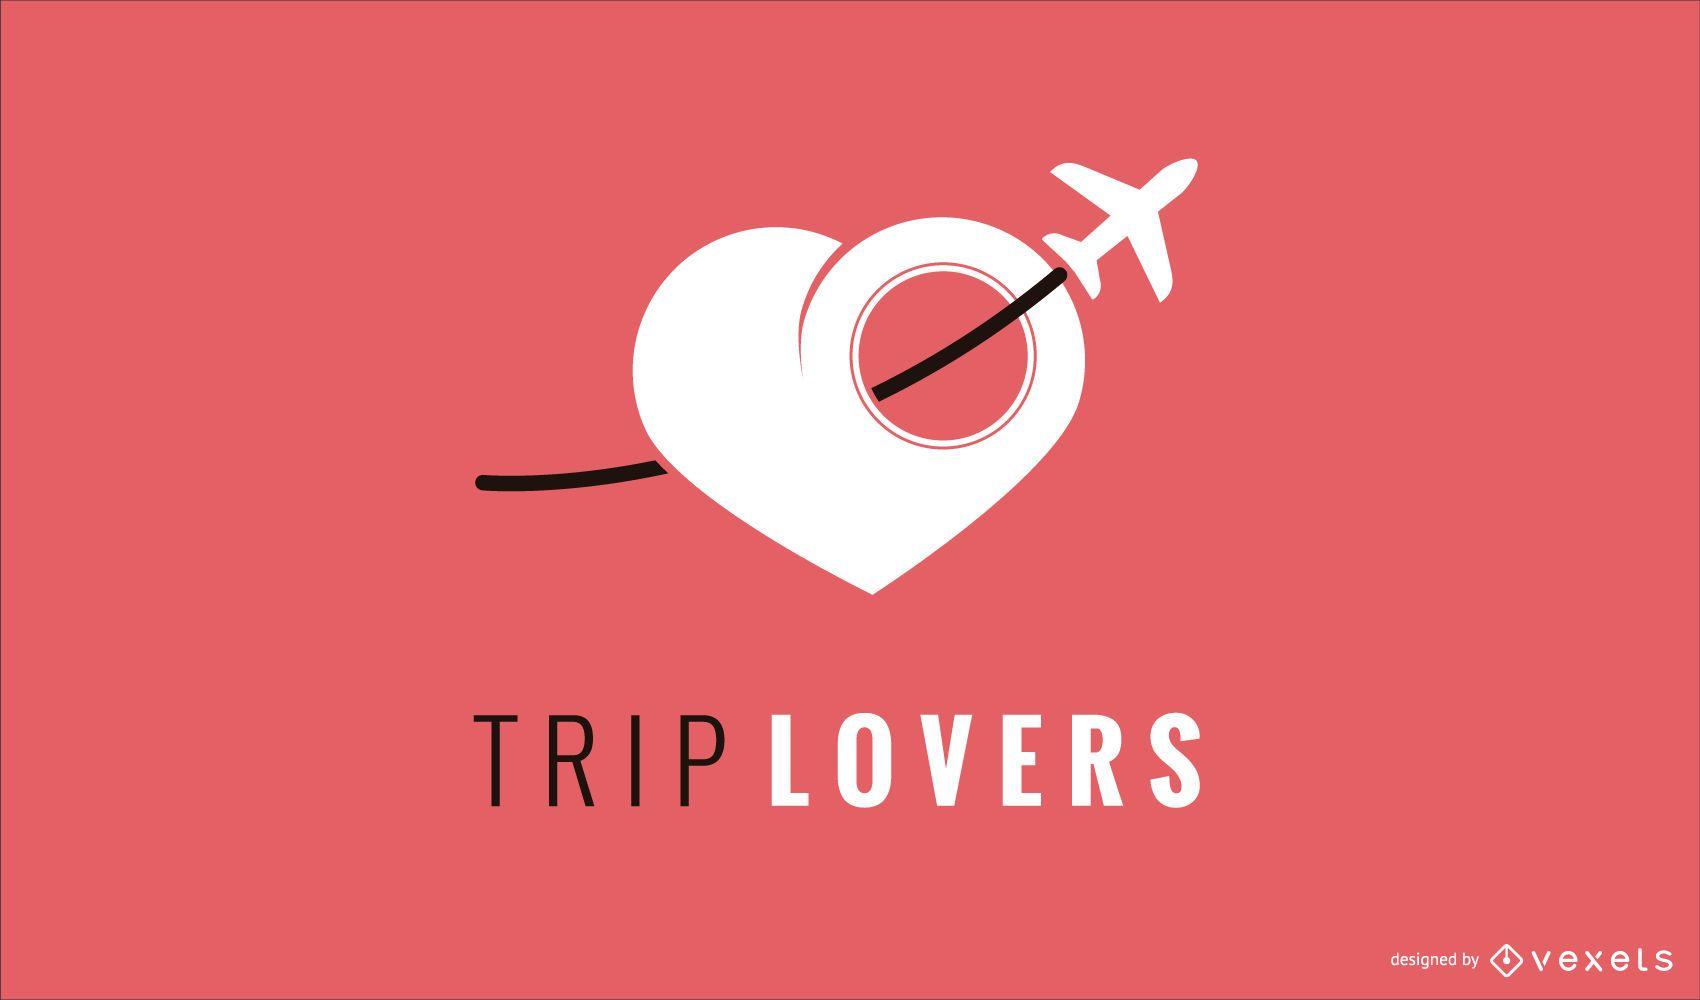 Plantilla de dise?o de logotipo de viaje amor